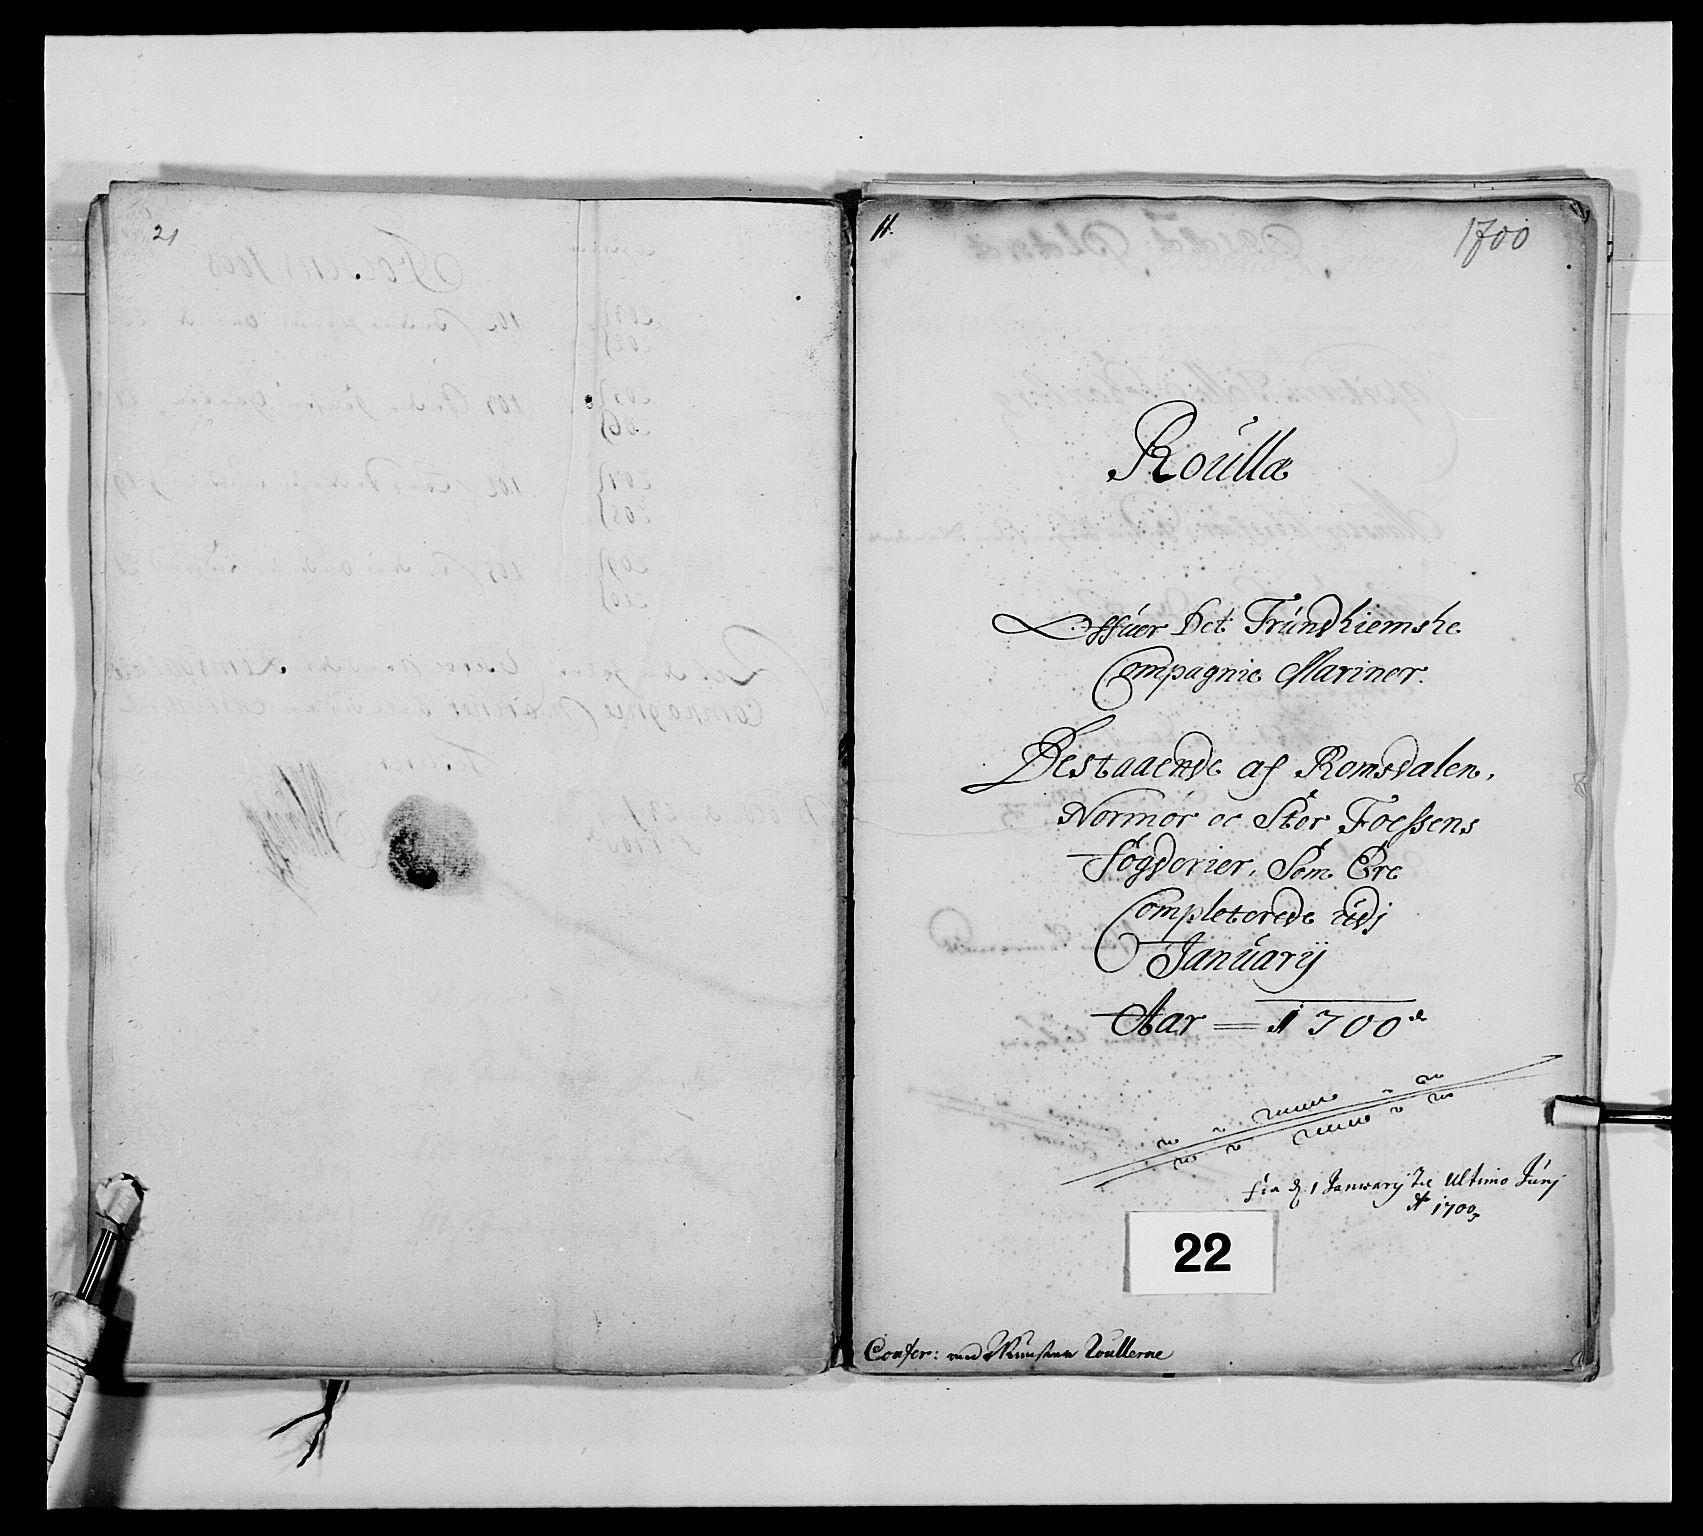 RA, Kommanderende general (KG I) med Det norske krigsdirektorium, E/Ea/L0473: Marineregimentet, 1664-1700, s. 268